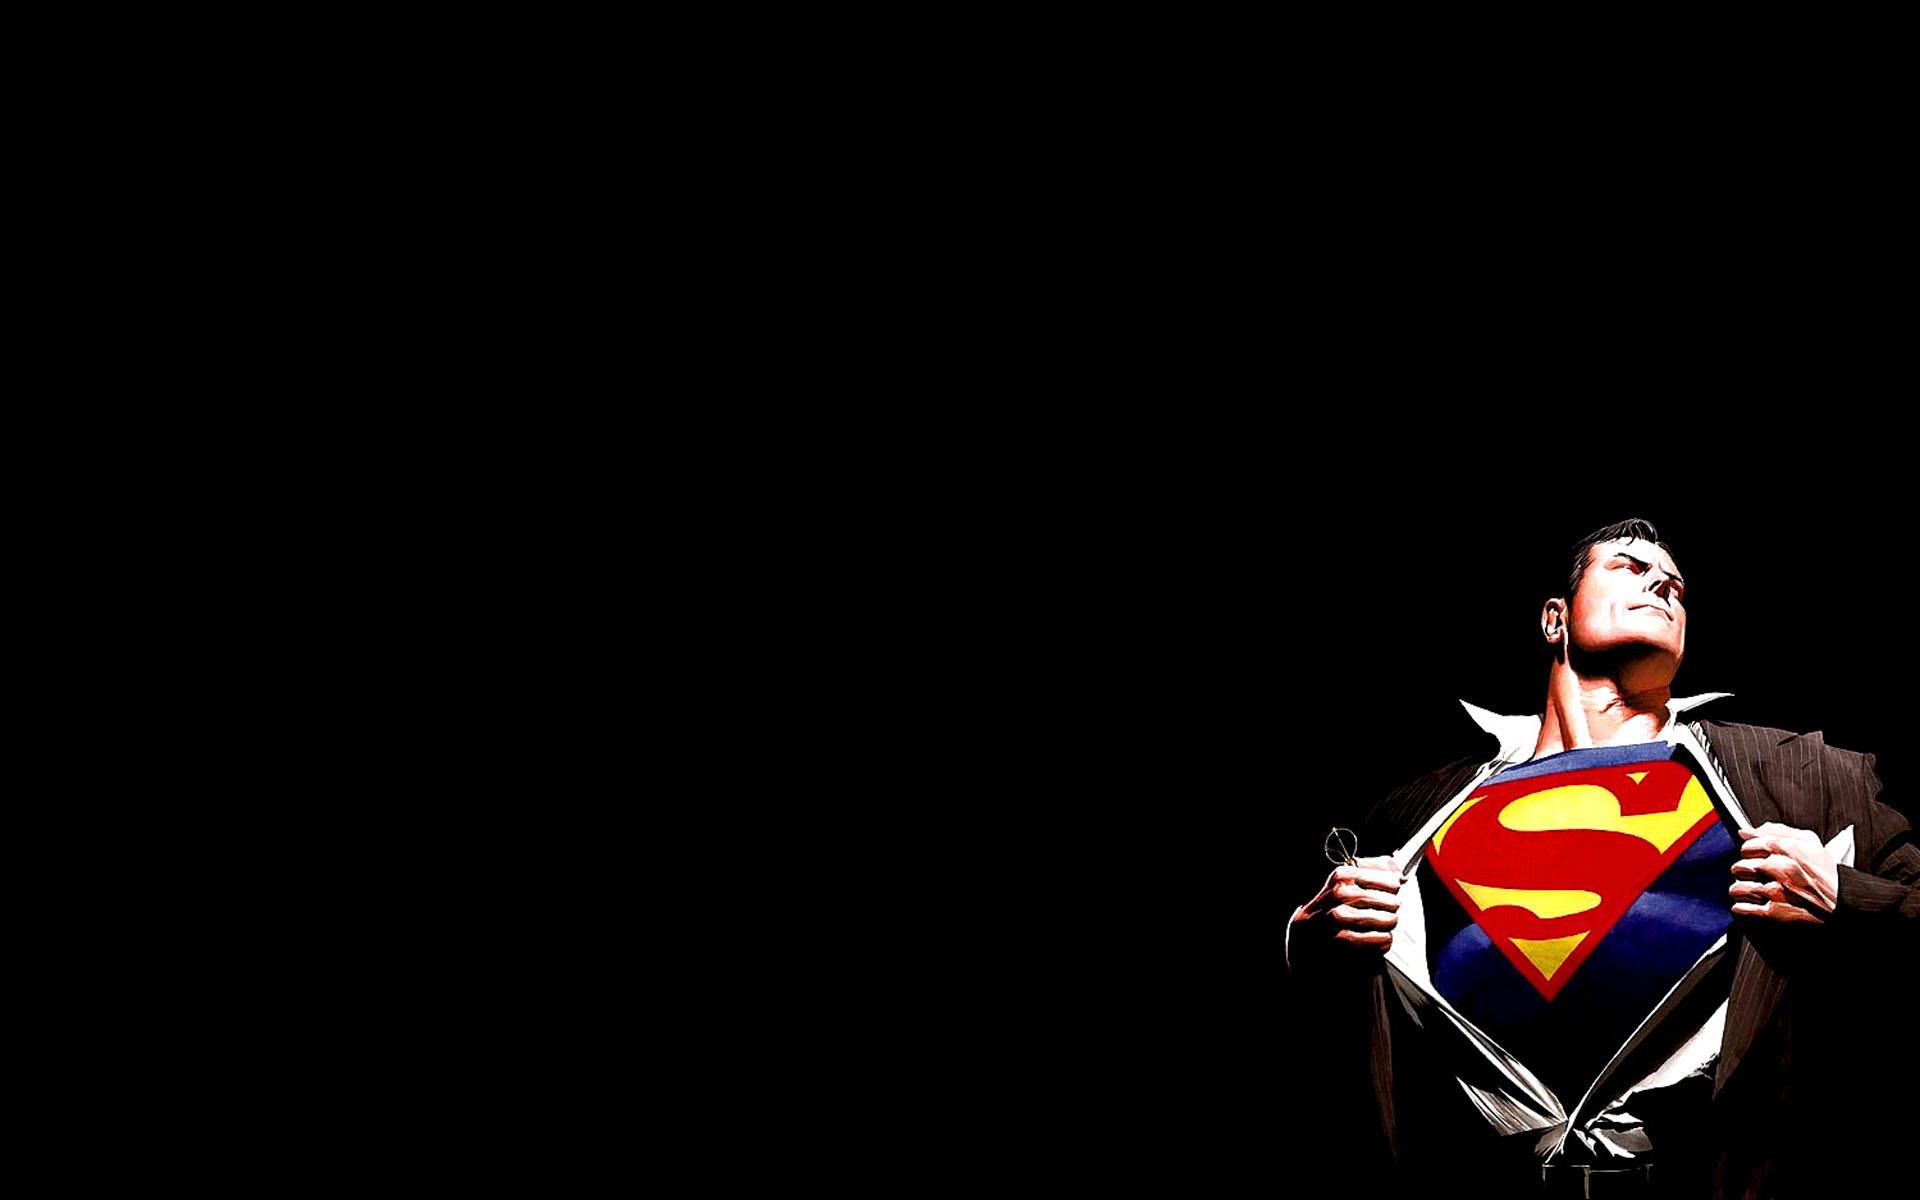 DC Comics Wallpaper 1920x1200 DC Comics Superman Change Alex Ross 1920x1200